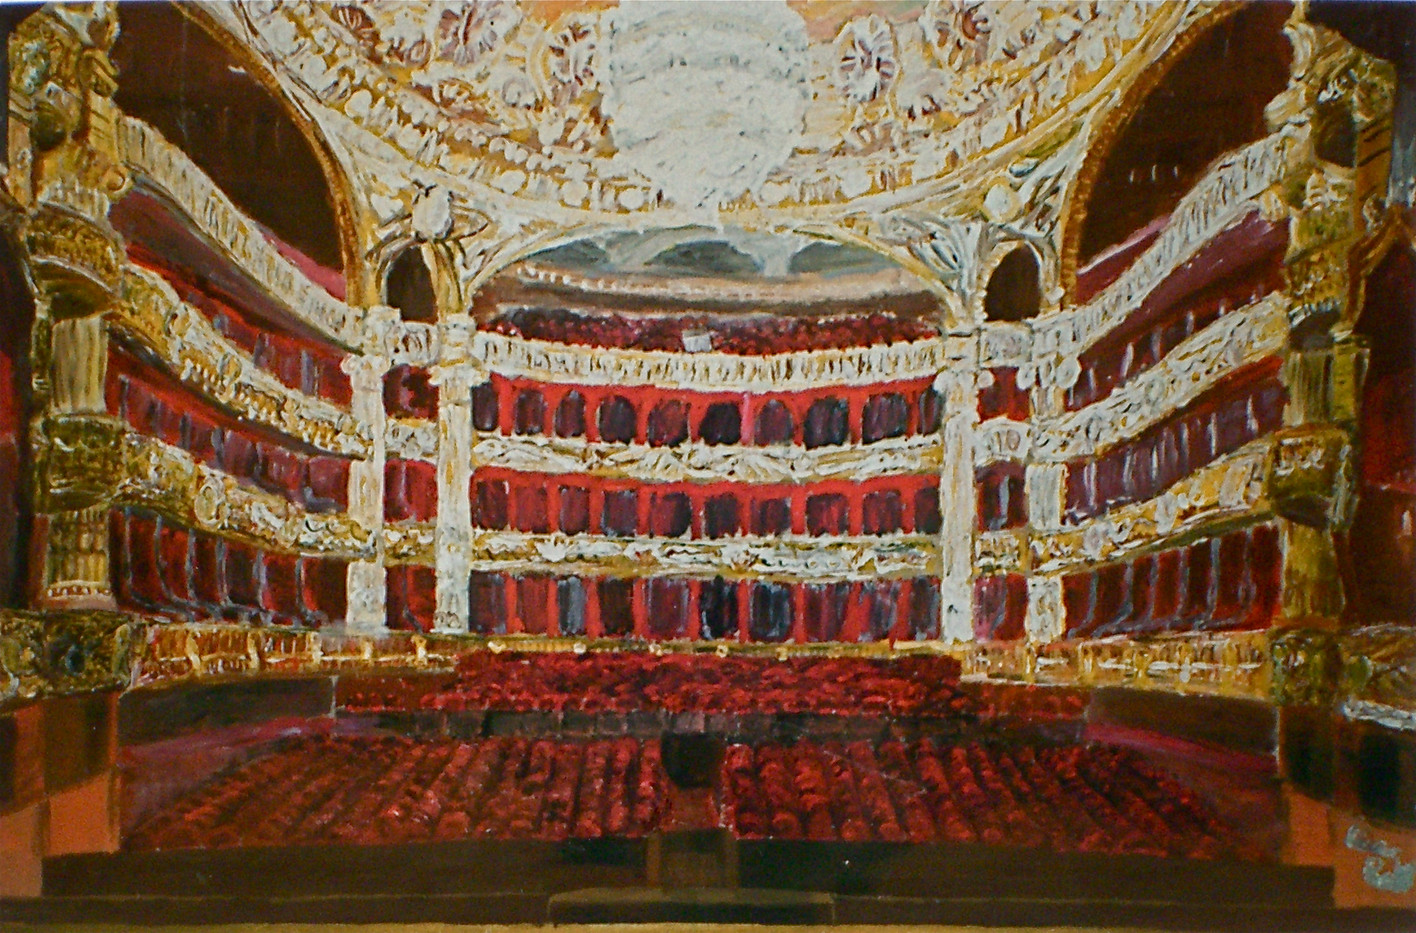 Salle Garnier